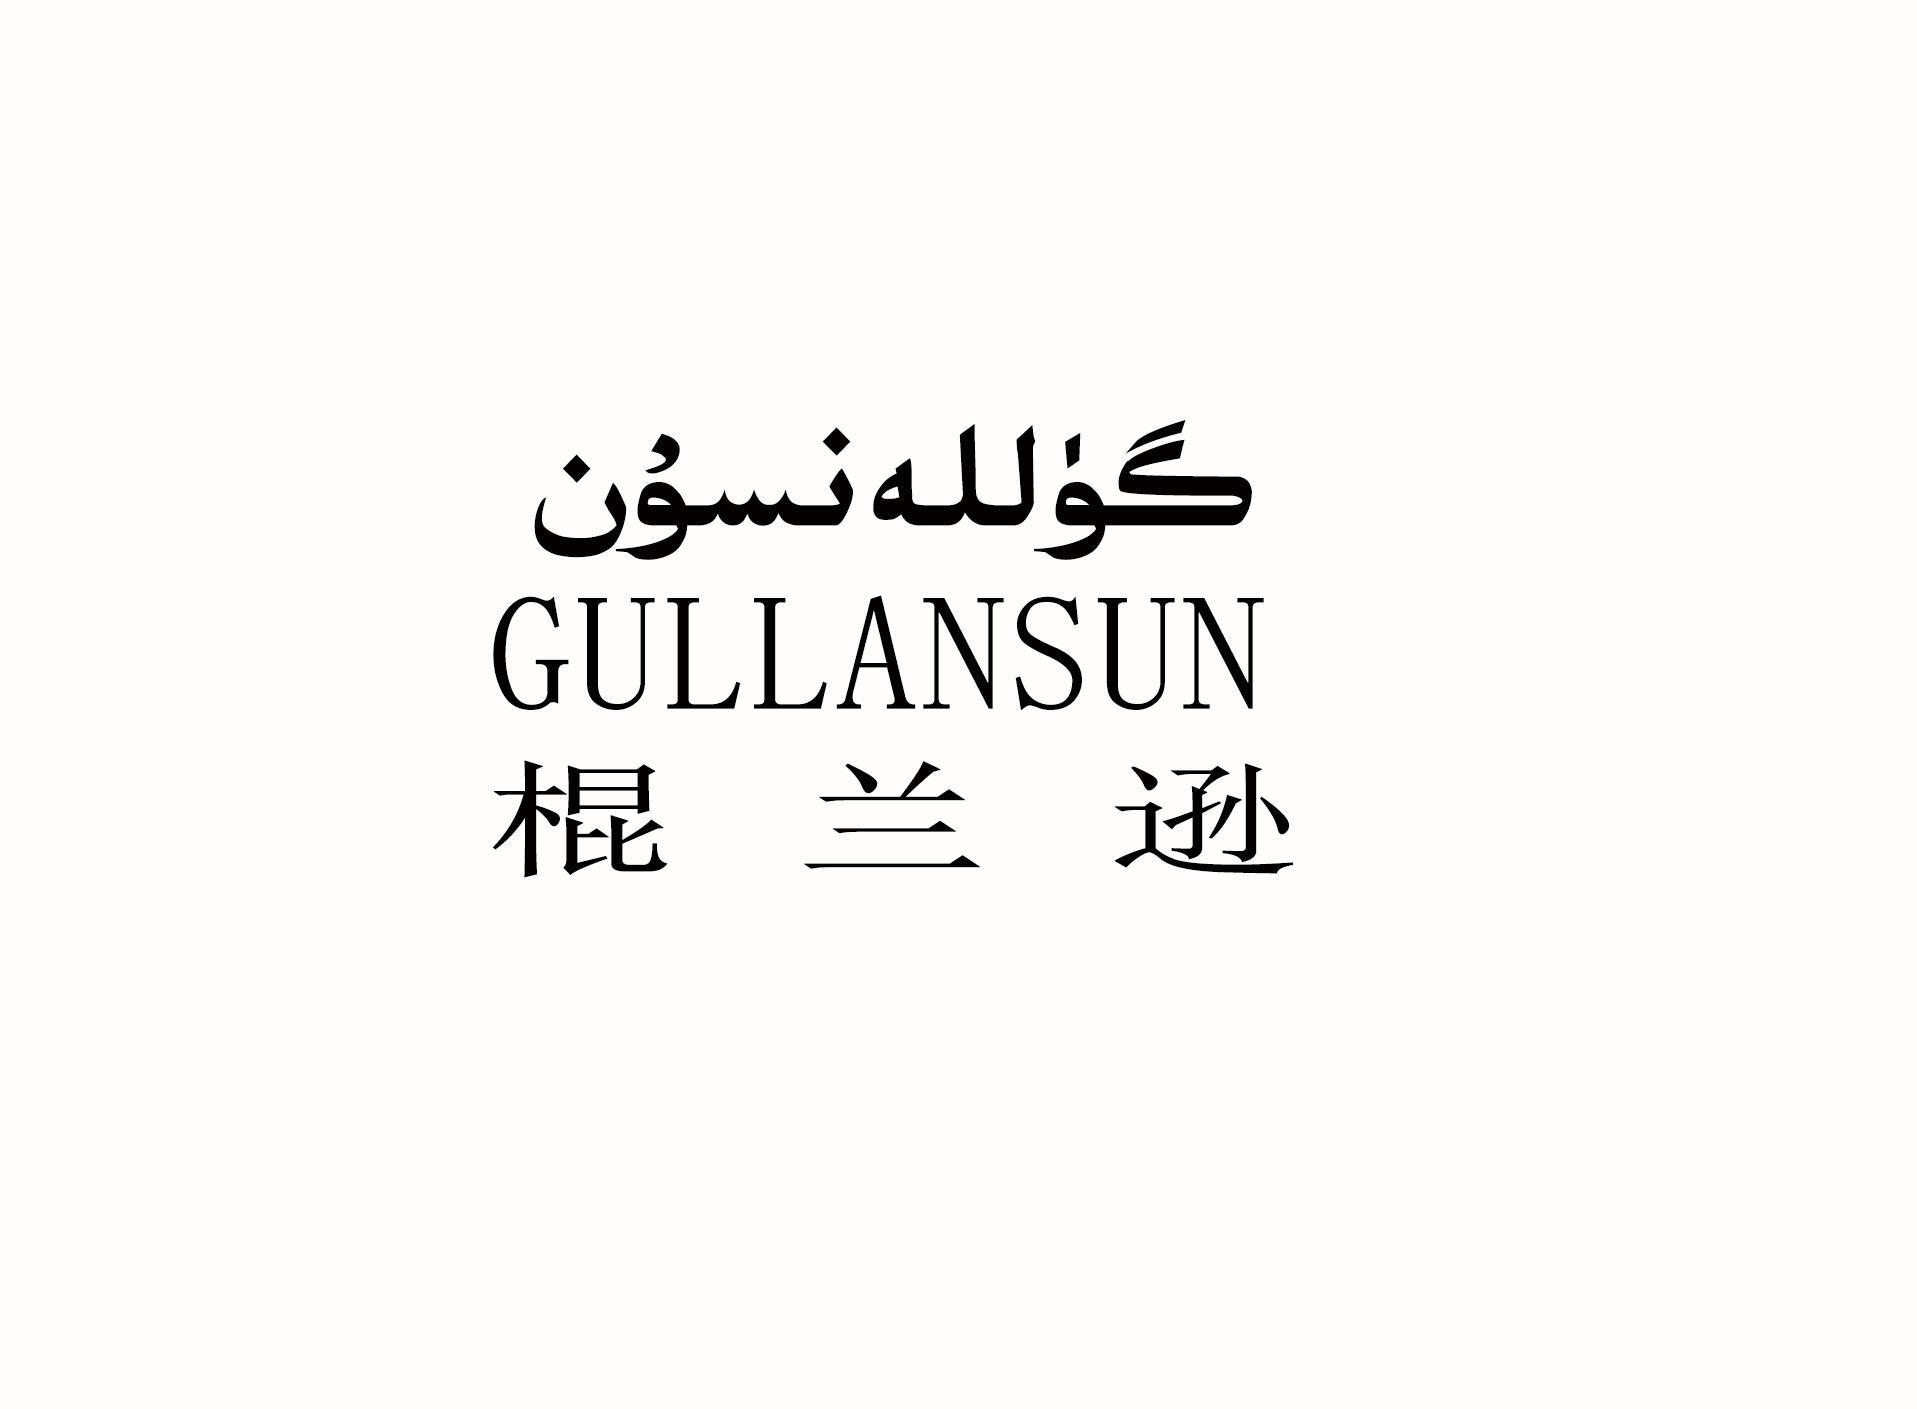 商标文字棍兰逊 GULLANSUN商标注册号 32610817、商标申请人塞买提·提衣普的商标详情 - 标库网商标查询